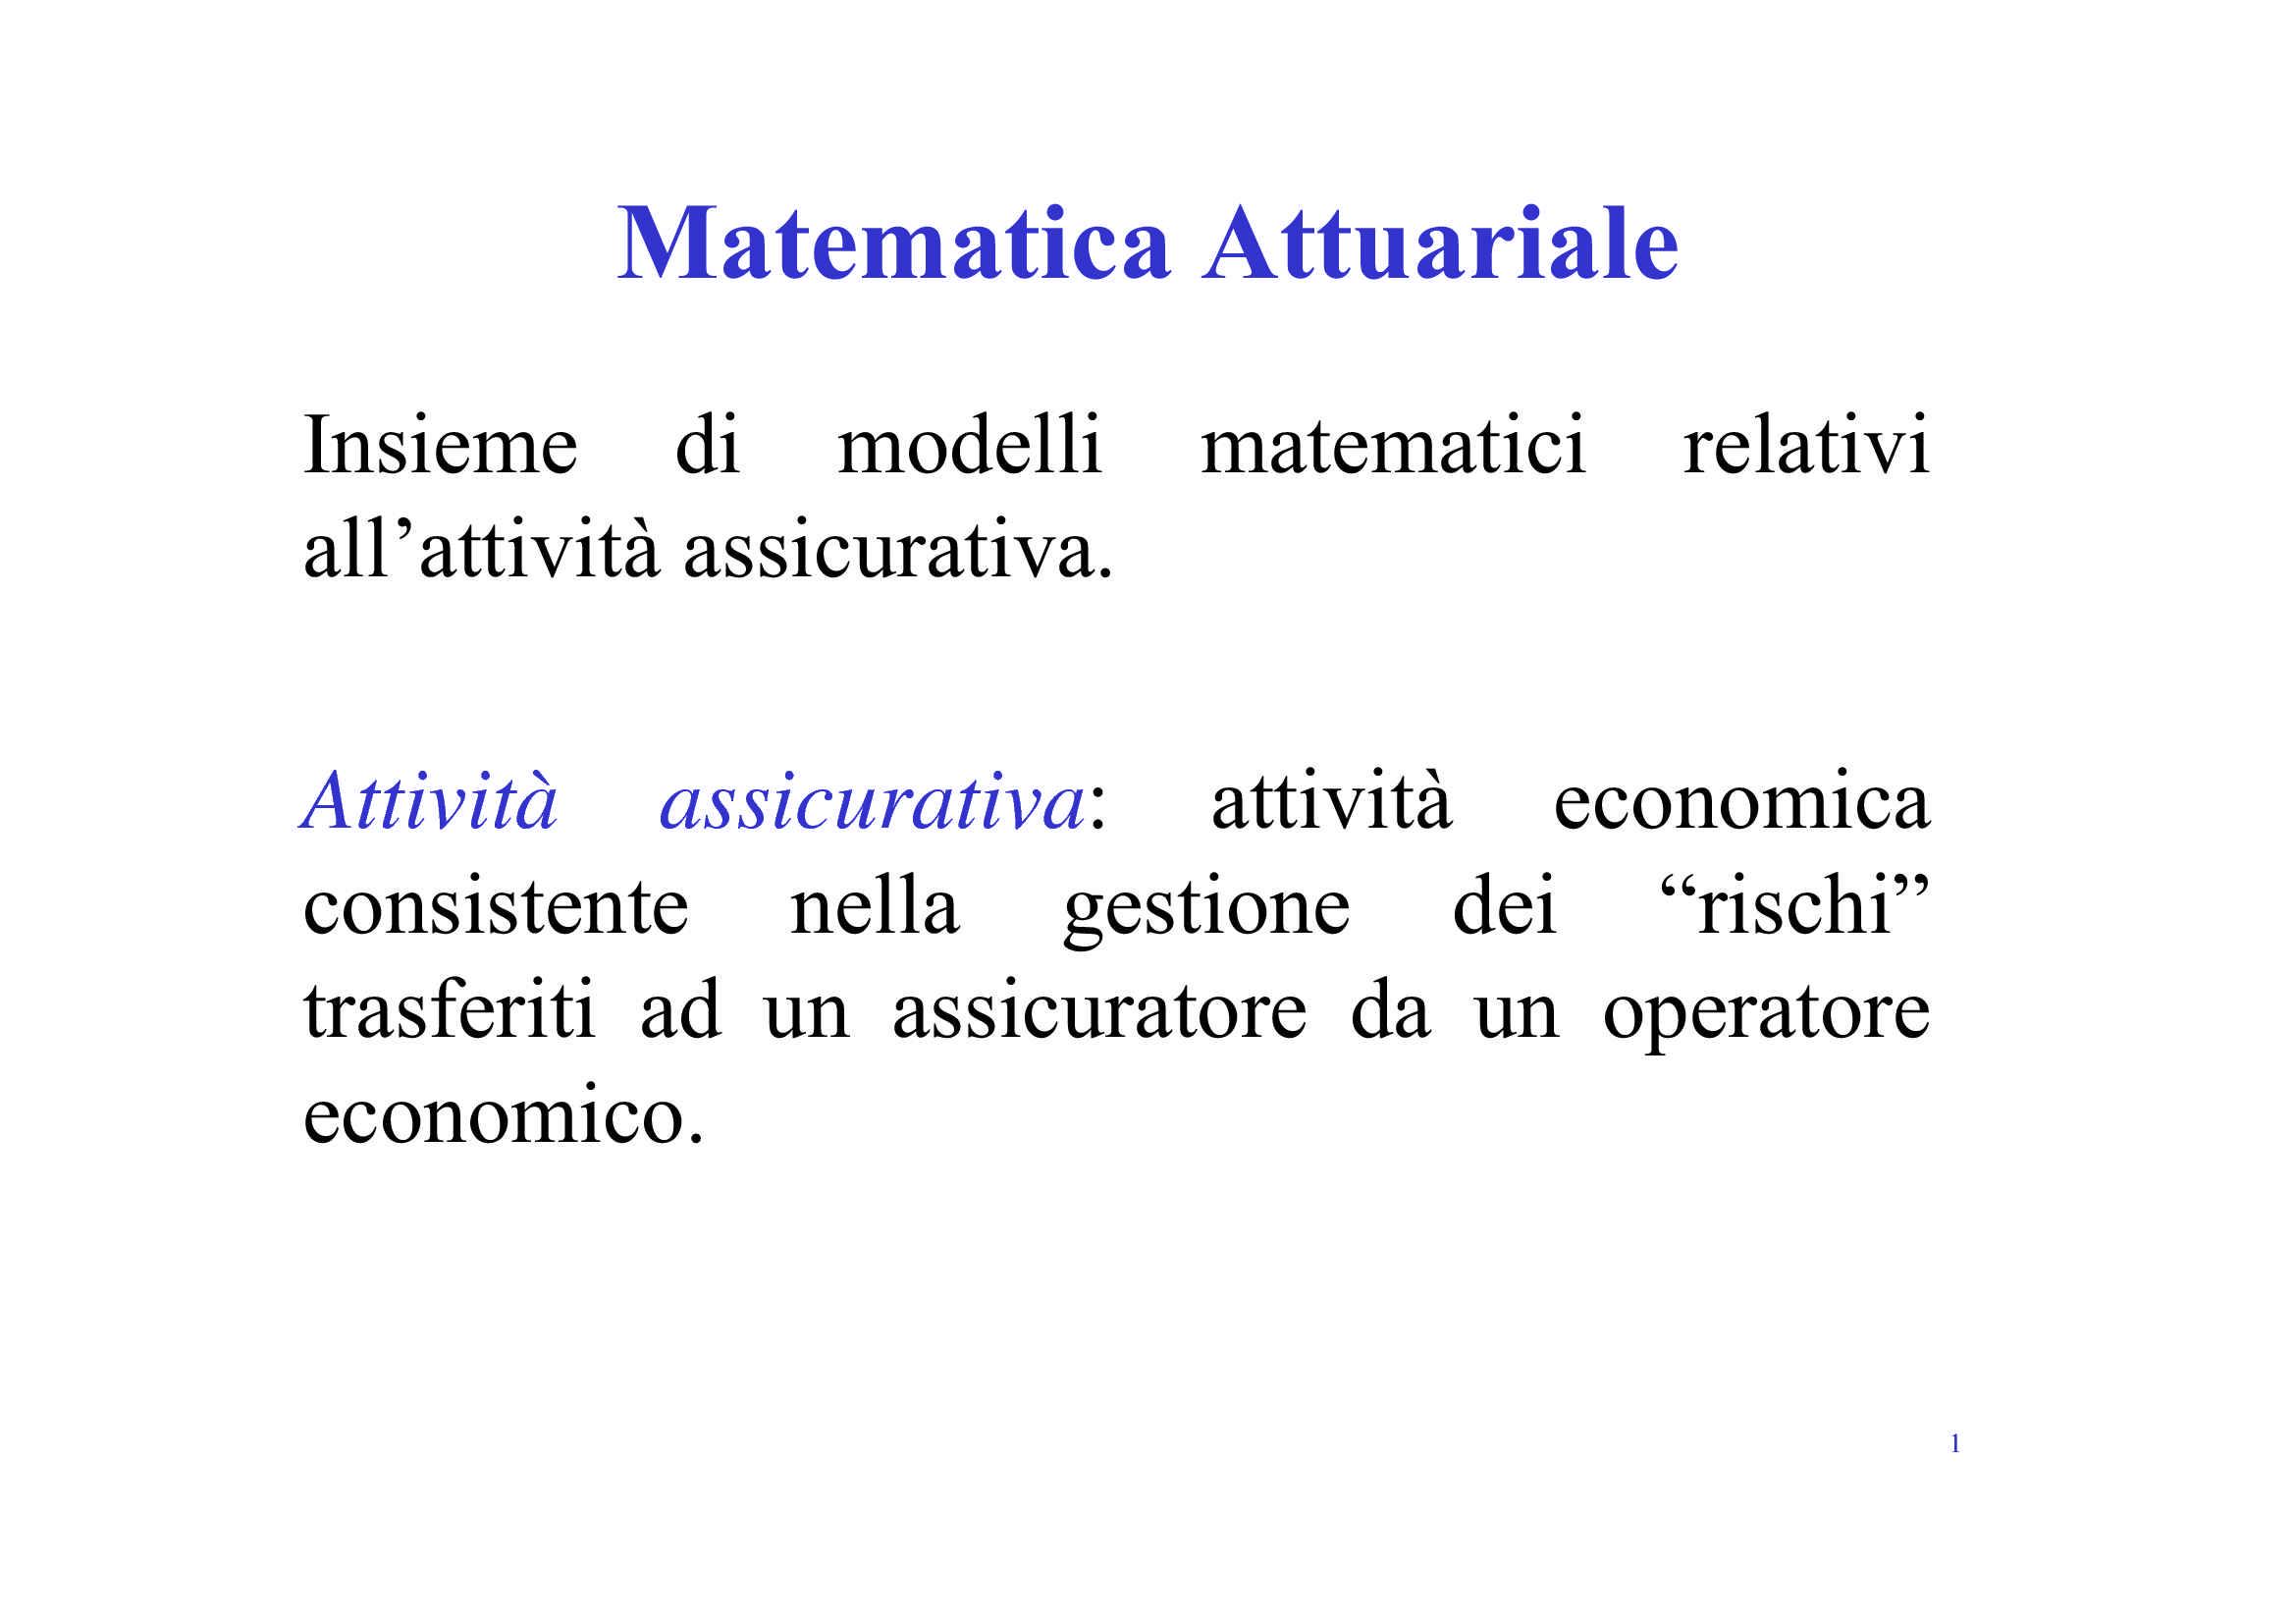 Matematica attuariale